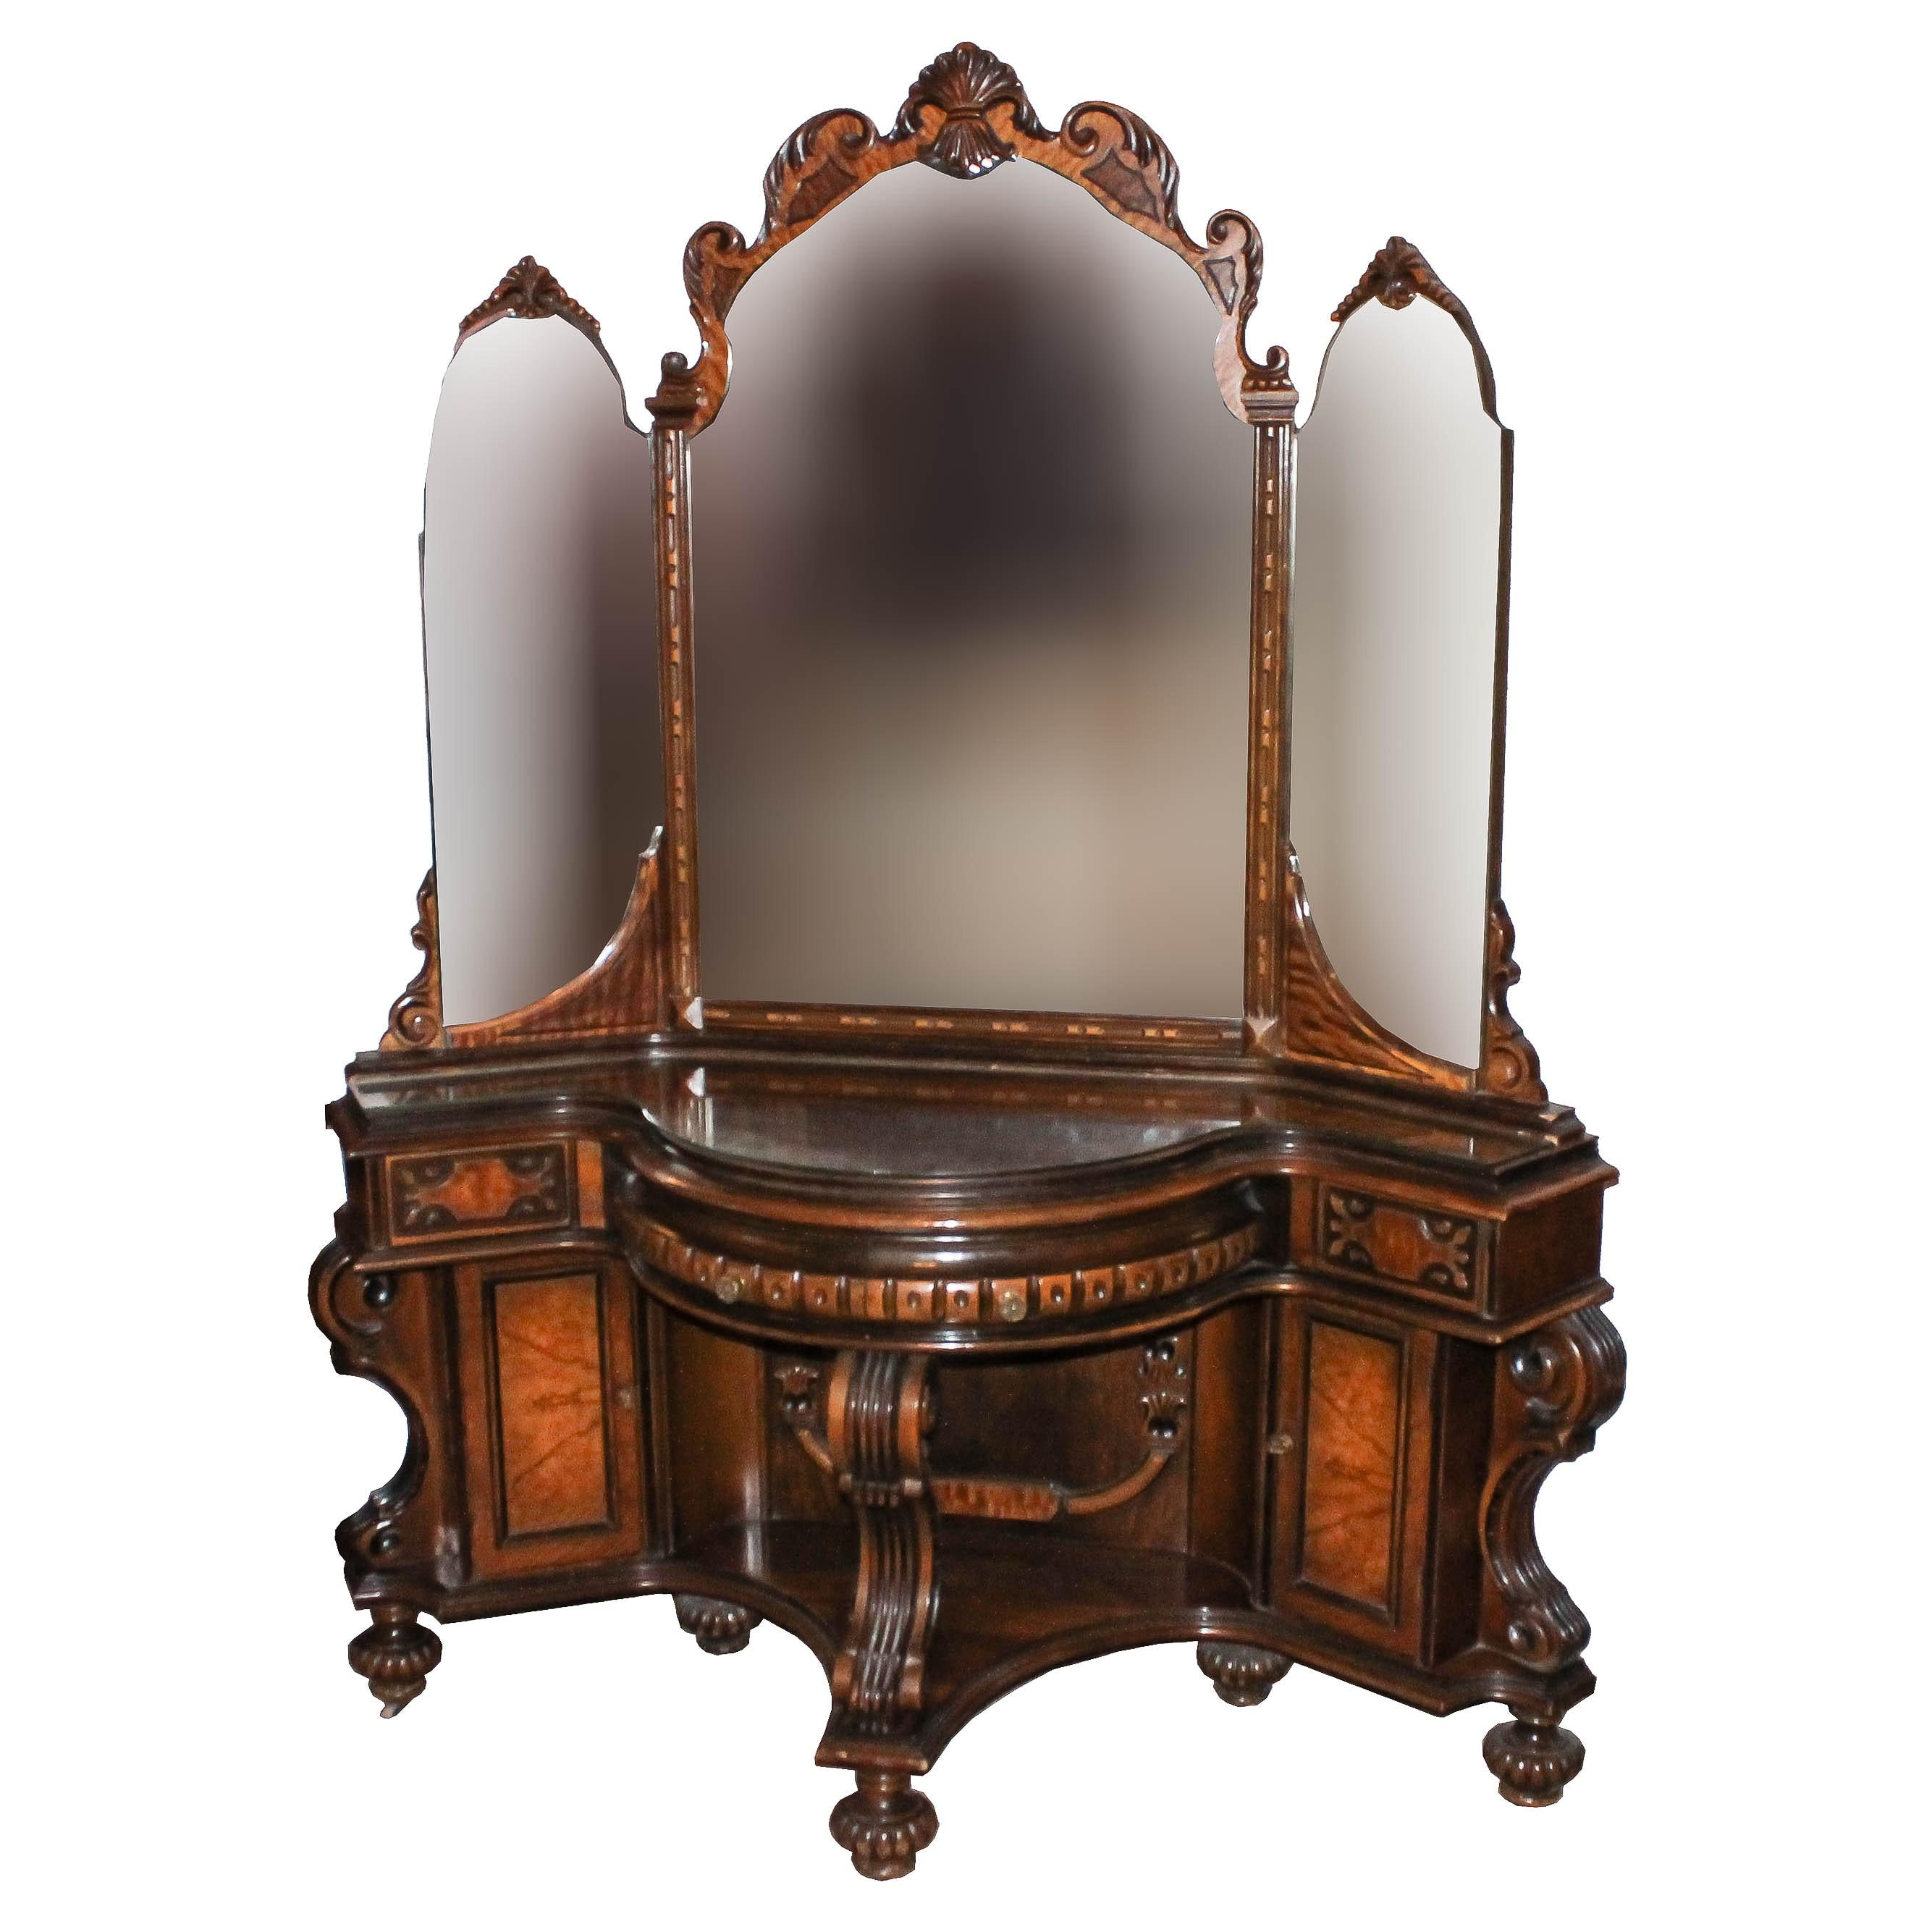 Antique Burl Wood Eastlake Style Vintage Wooden Vanity ...